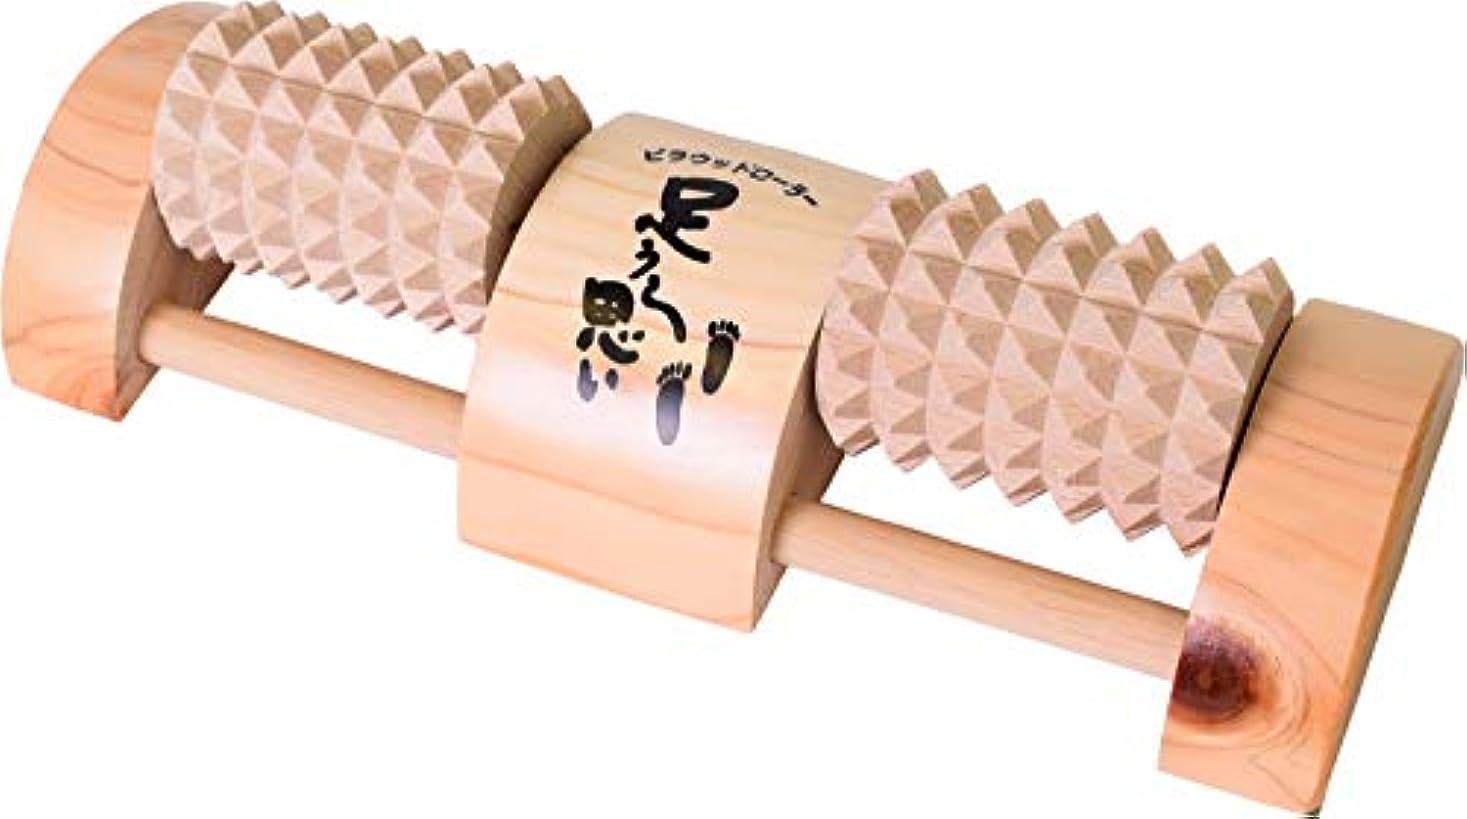 忠実まっすぐユーザー木曽工芸 木製 足ツボ マッサージャー カエデ ひのき 足うら思い (S)